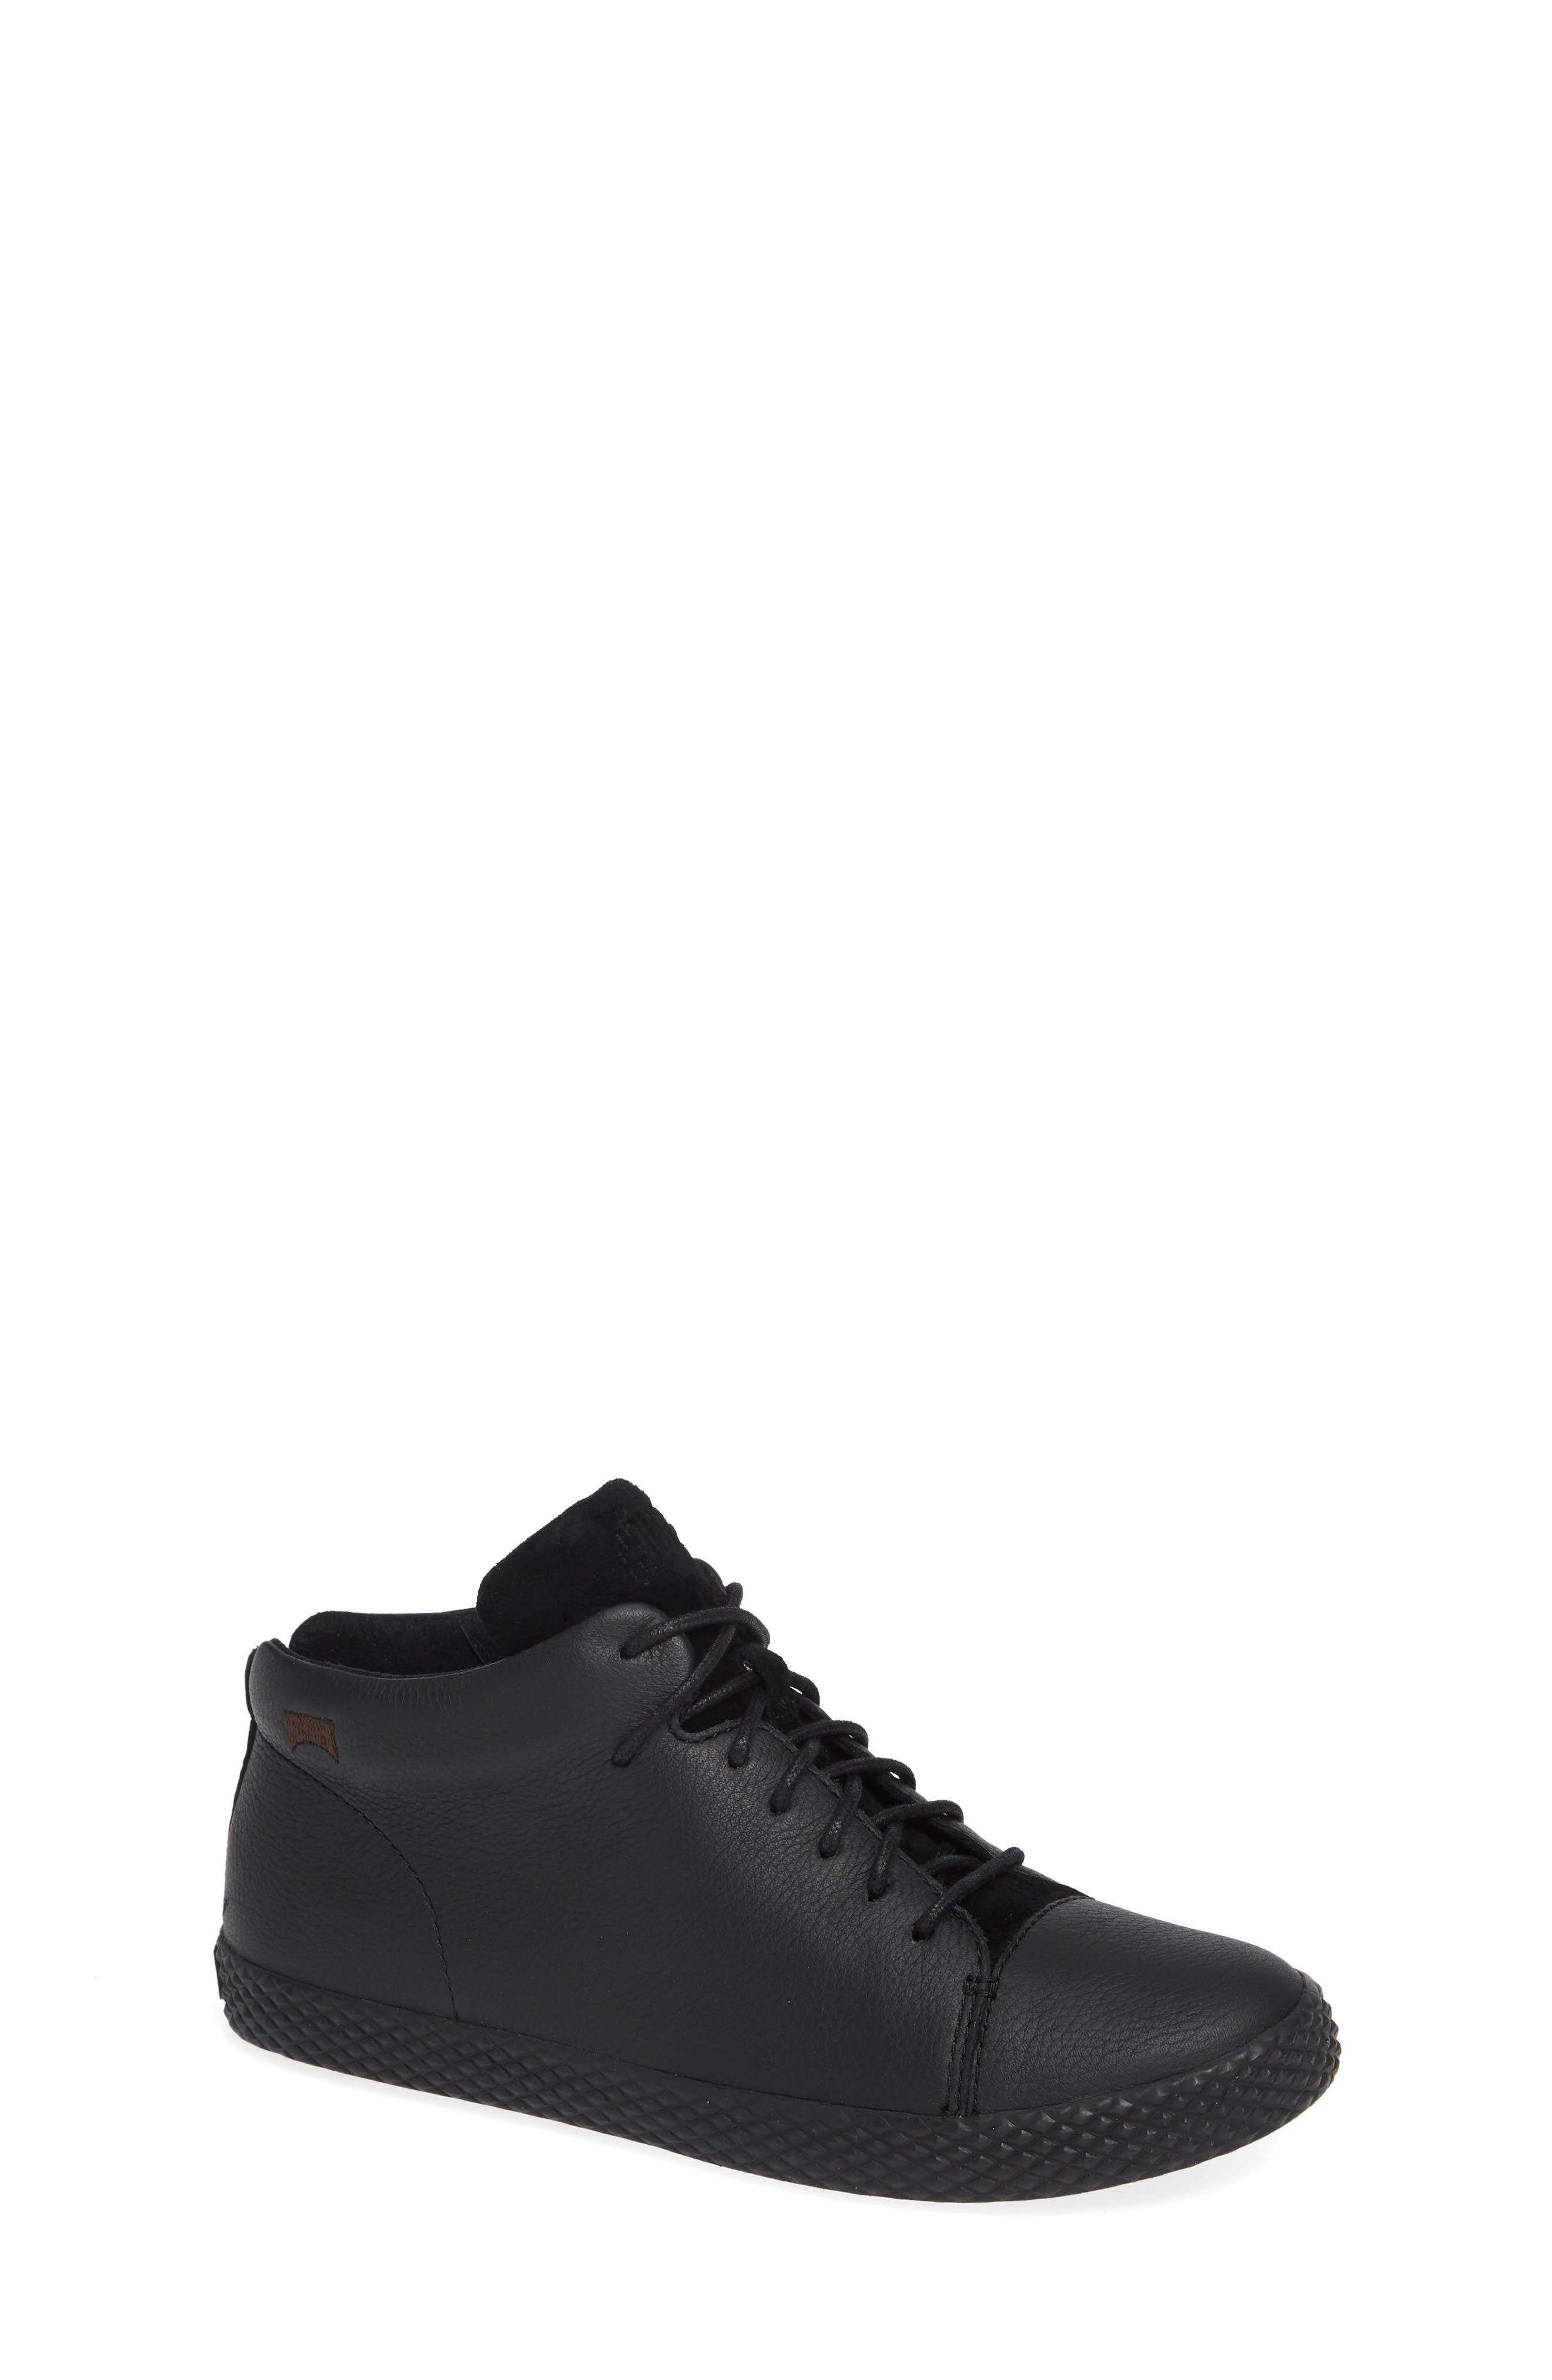 Pursuit Sneaker,                             Main thumbnail 1, color,                             BLACK